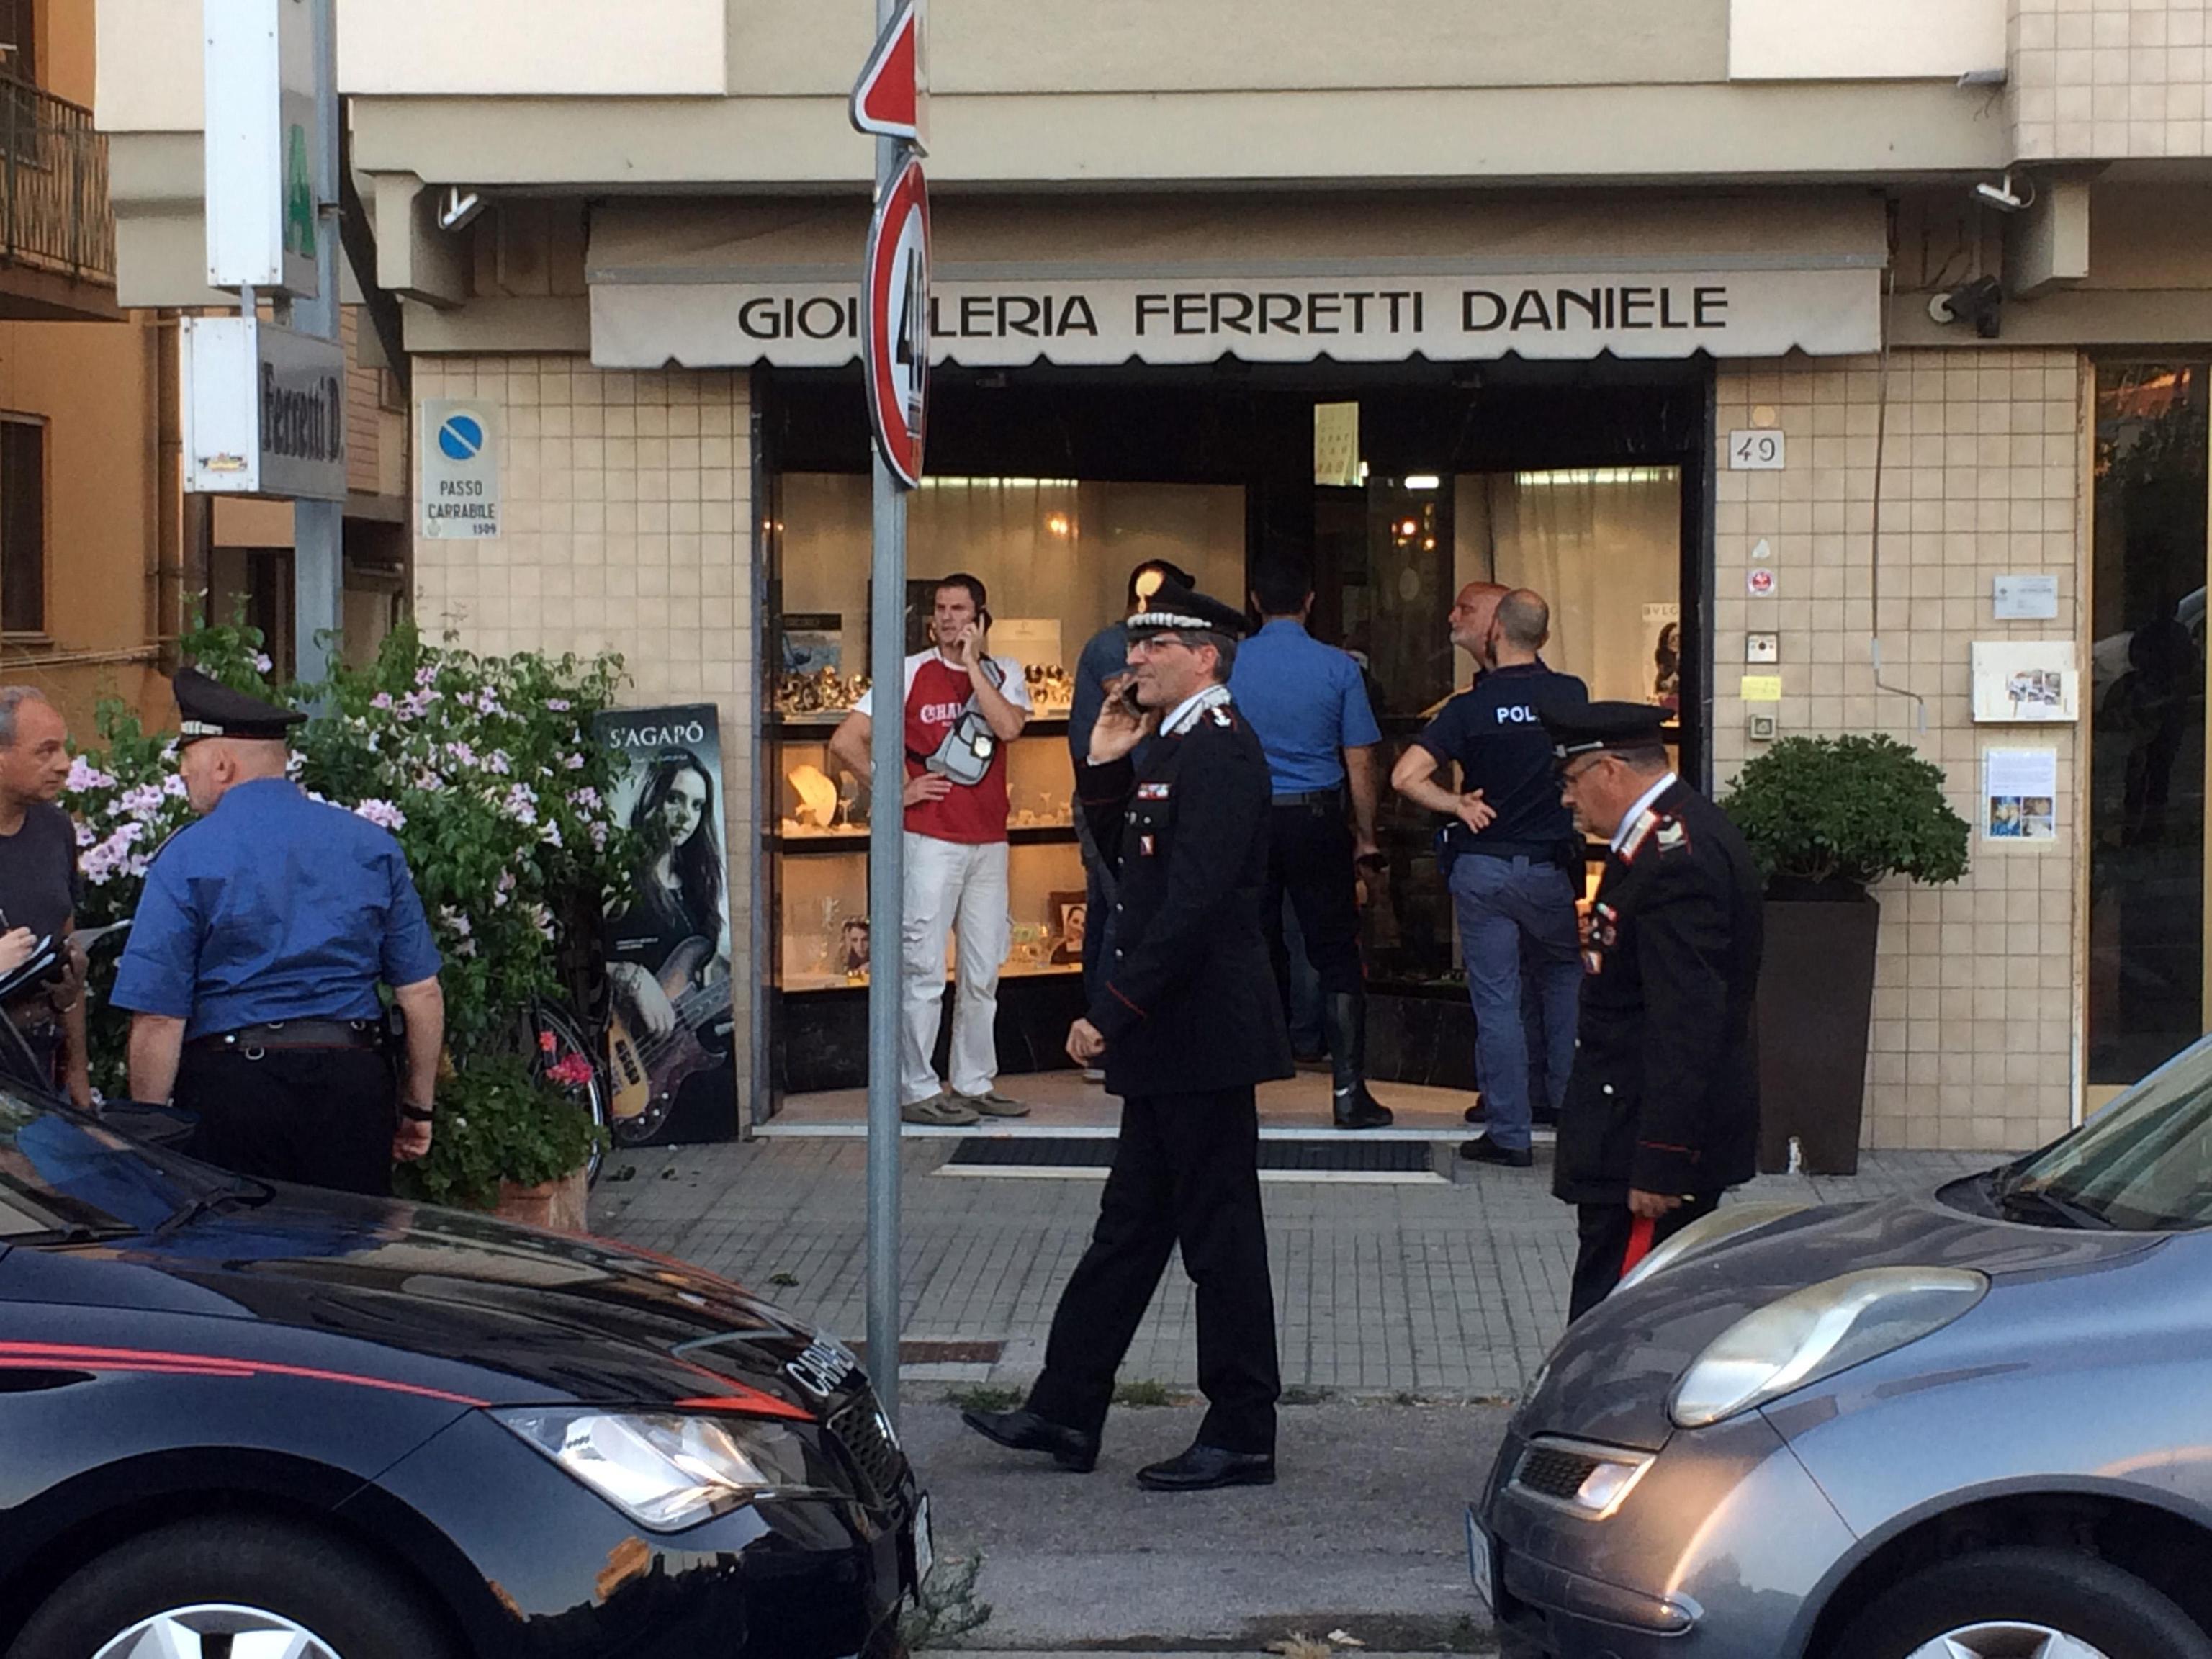 Rapina a Pisa, gioielliere reagisce e uccide il malvivente